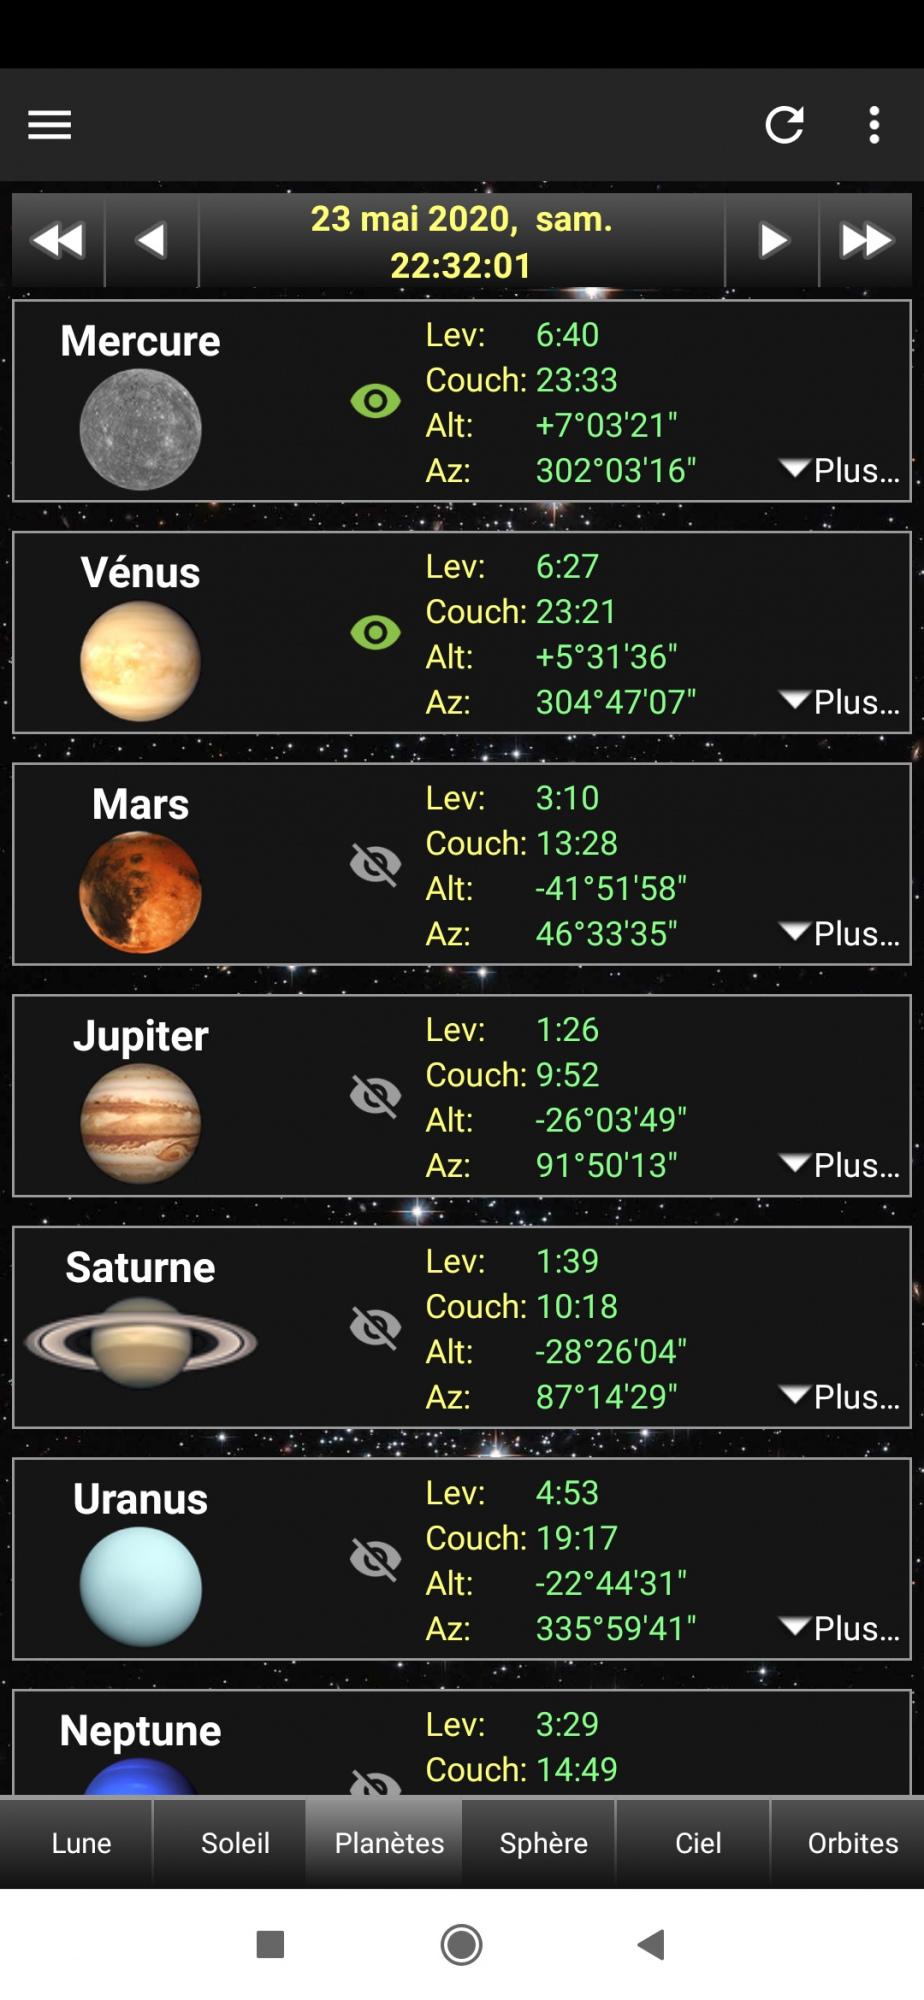 Screenshot_2020-05-23-22-32-38-435_com.dafftin.android.moon_phase.thumb.jpg.317af66b8bb8e130dea672711188d3a1.jpg